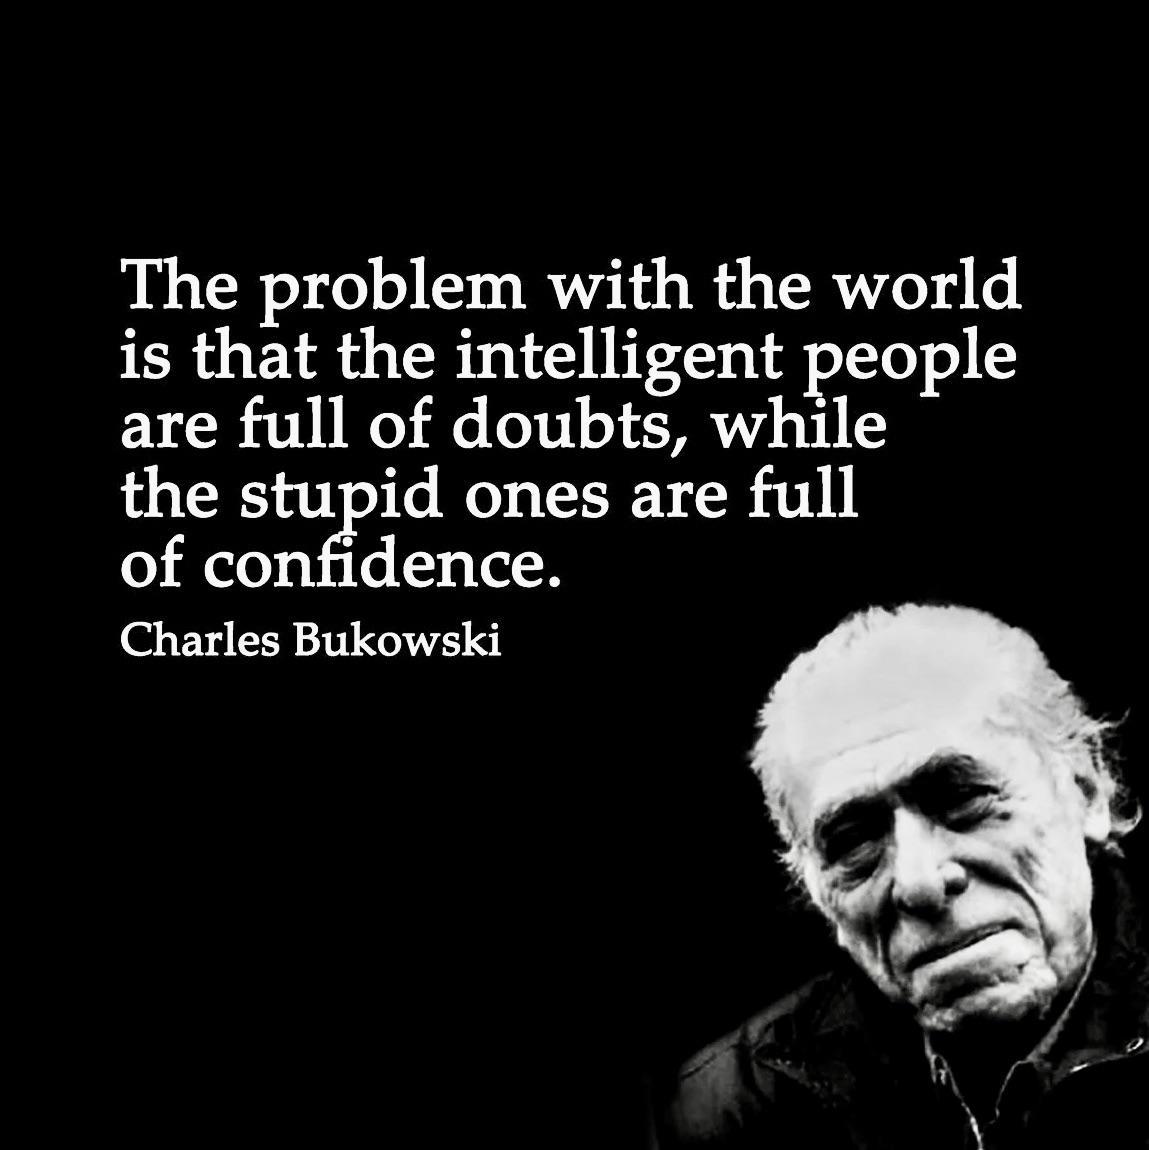 [Image] Charles Bukowski VS Bertrand Russell